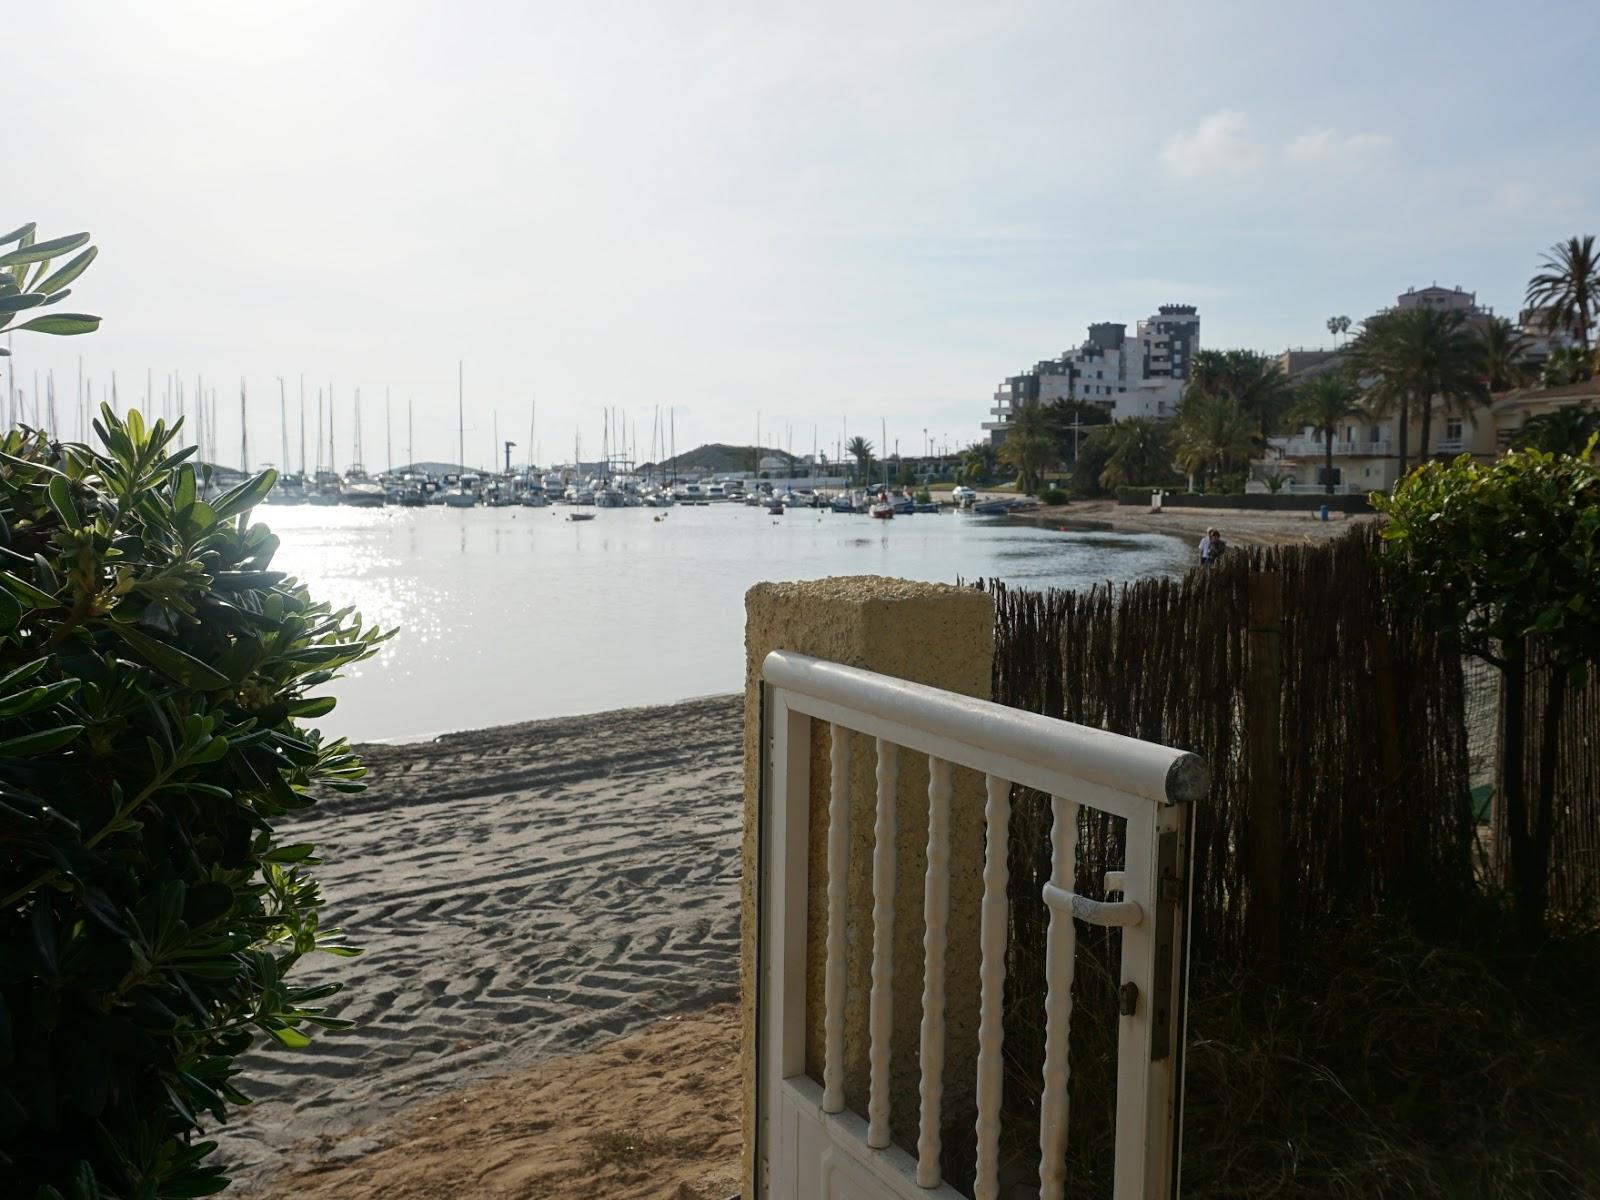 plaża, widok na plażę, Pani Dorcia, panidorcia blog, blog o Islandii, blog o Hiszpanii, wakacje w Hiszpanii, urlop w Hiszpanii, La Manga, morze, urlop nad morzem